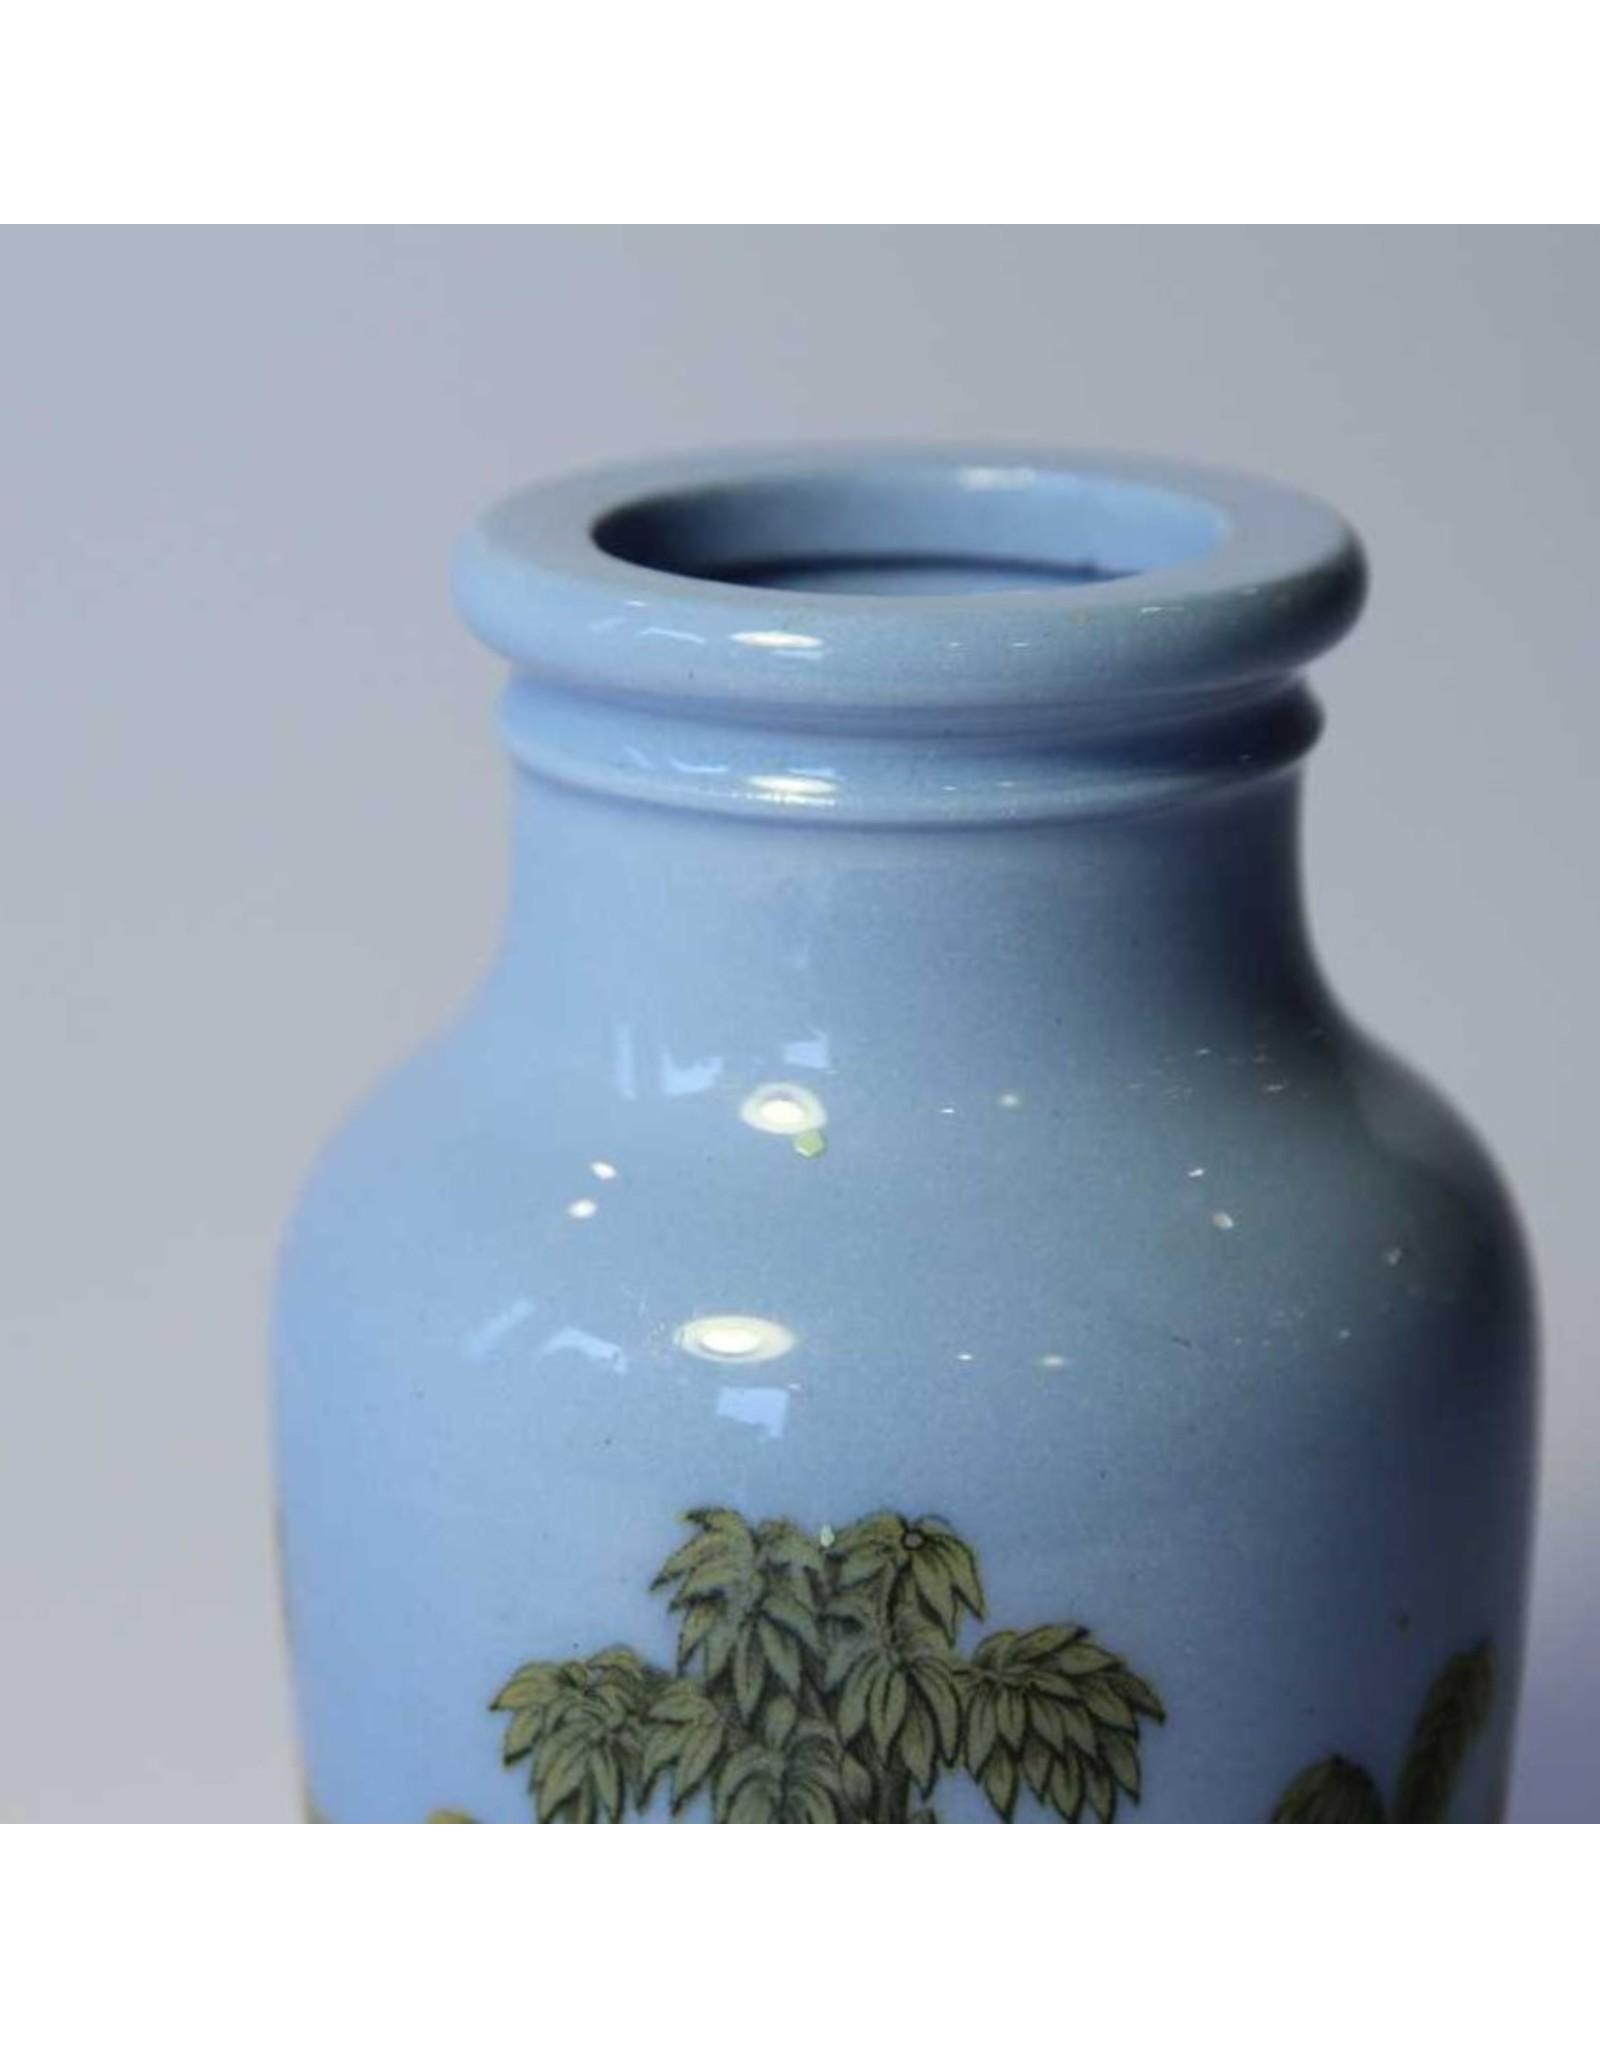 Prattware meat paste jar, blue, circa 1860, as is